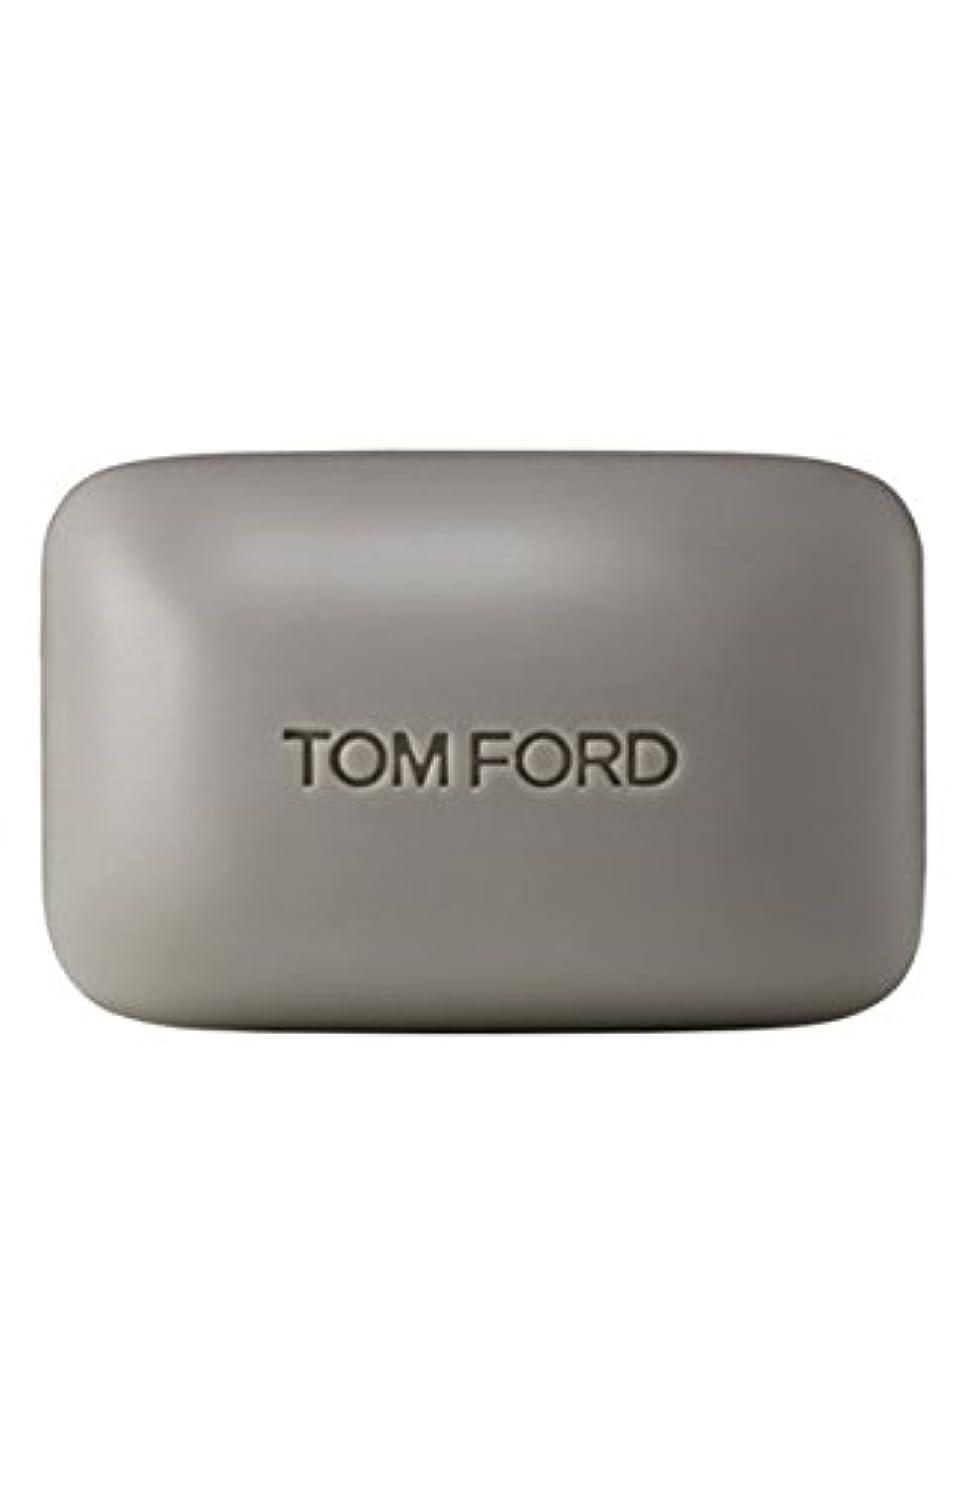 母性船外航空機Tom Ford Private Blend 'Oud Wood' (トムフォード プライベートブレンド オードウッド) 5.5 oz (165ml) Bar Soap (固形石鹸)